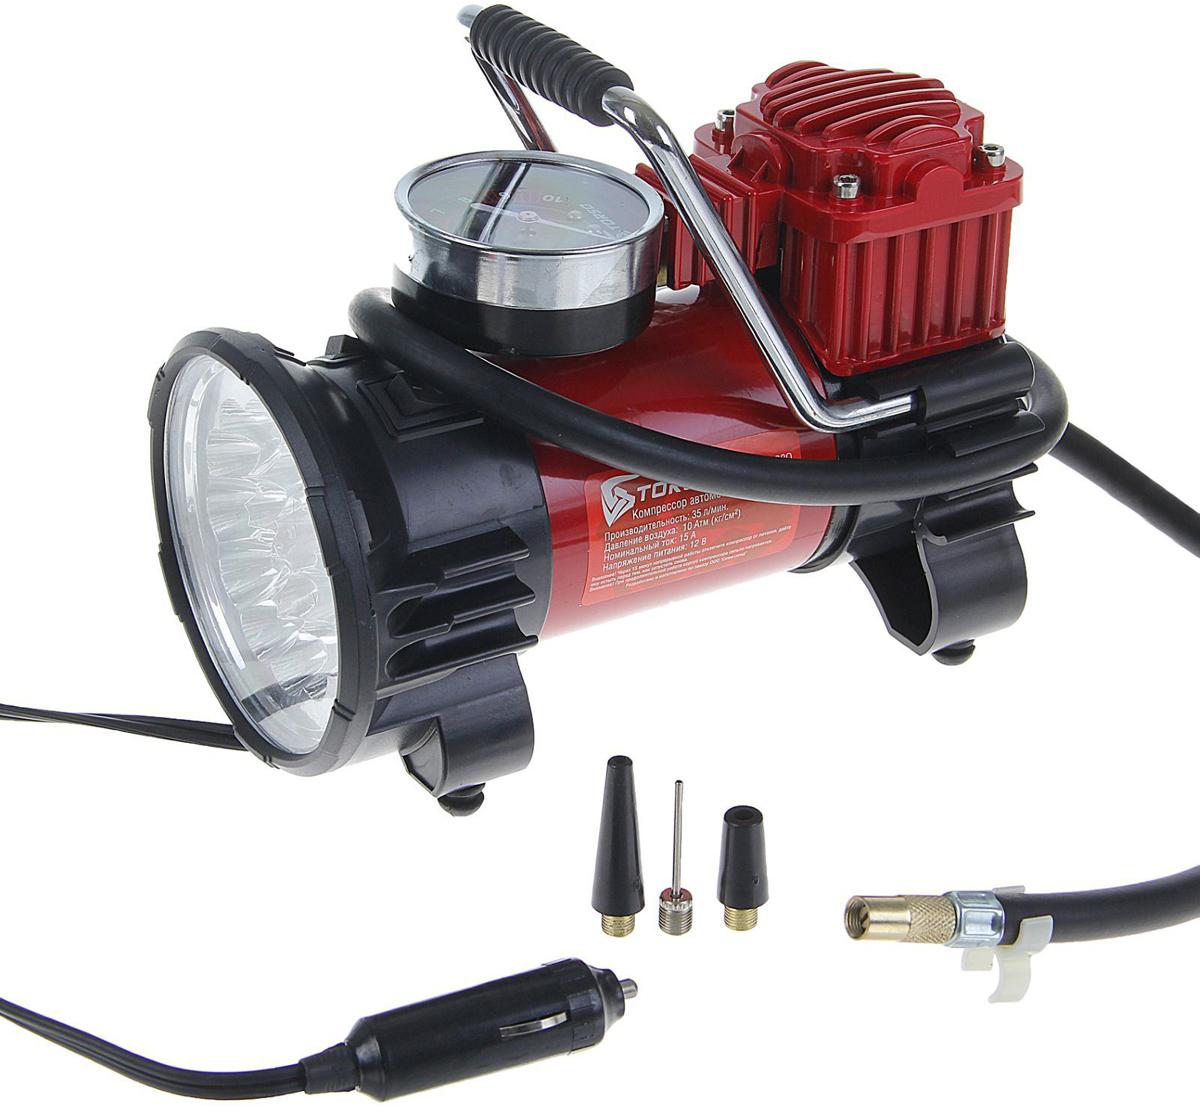 Компрессор автомобильный Torso TK-120, с белым фонарем LED, 15А, 35 л/мин1065280Автомобильный компрессор TORSO — это незаменимый помощник автомобилиста. Потребуется для накачивания колеса после прокола, выхода из строя ниппеля или подкачки запаски. Особенно прибор необходим в сезоны смены шин, во время поездок на далёкие расстояния. Специальные насадки позволят подкачать волейбольный мяч, шины велосипеда или резиновую лодку. Бюджетная модель, подойдёт для экономного водителя, который ценит соотношение хорошего качества и оптимальной стоимости. 15 А, 35 л/мин, провод 3м, белый фонарь LED, шланг 1м